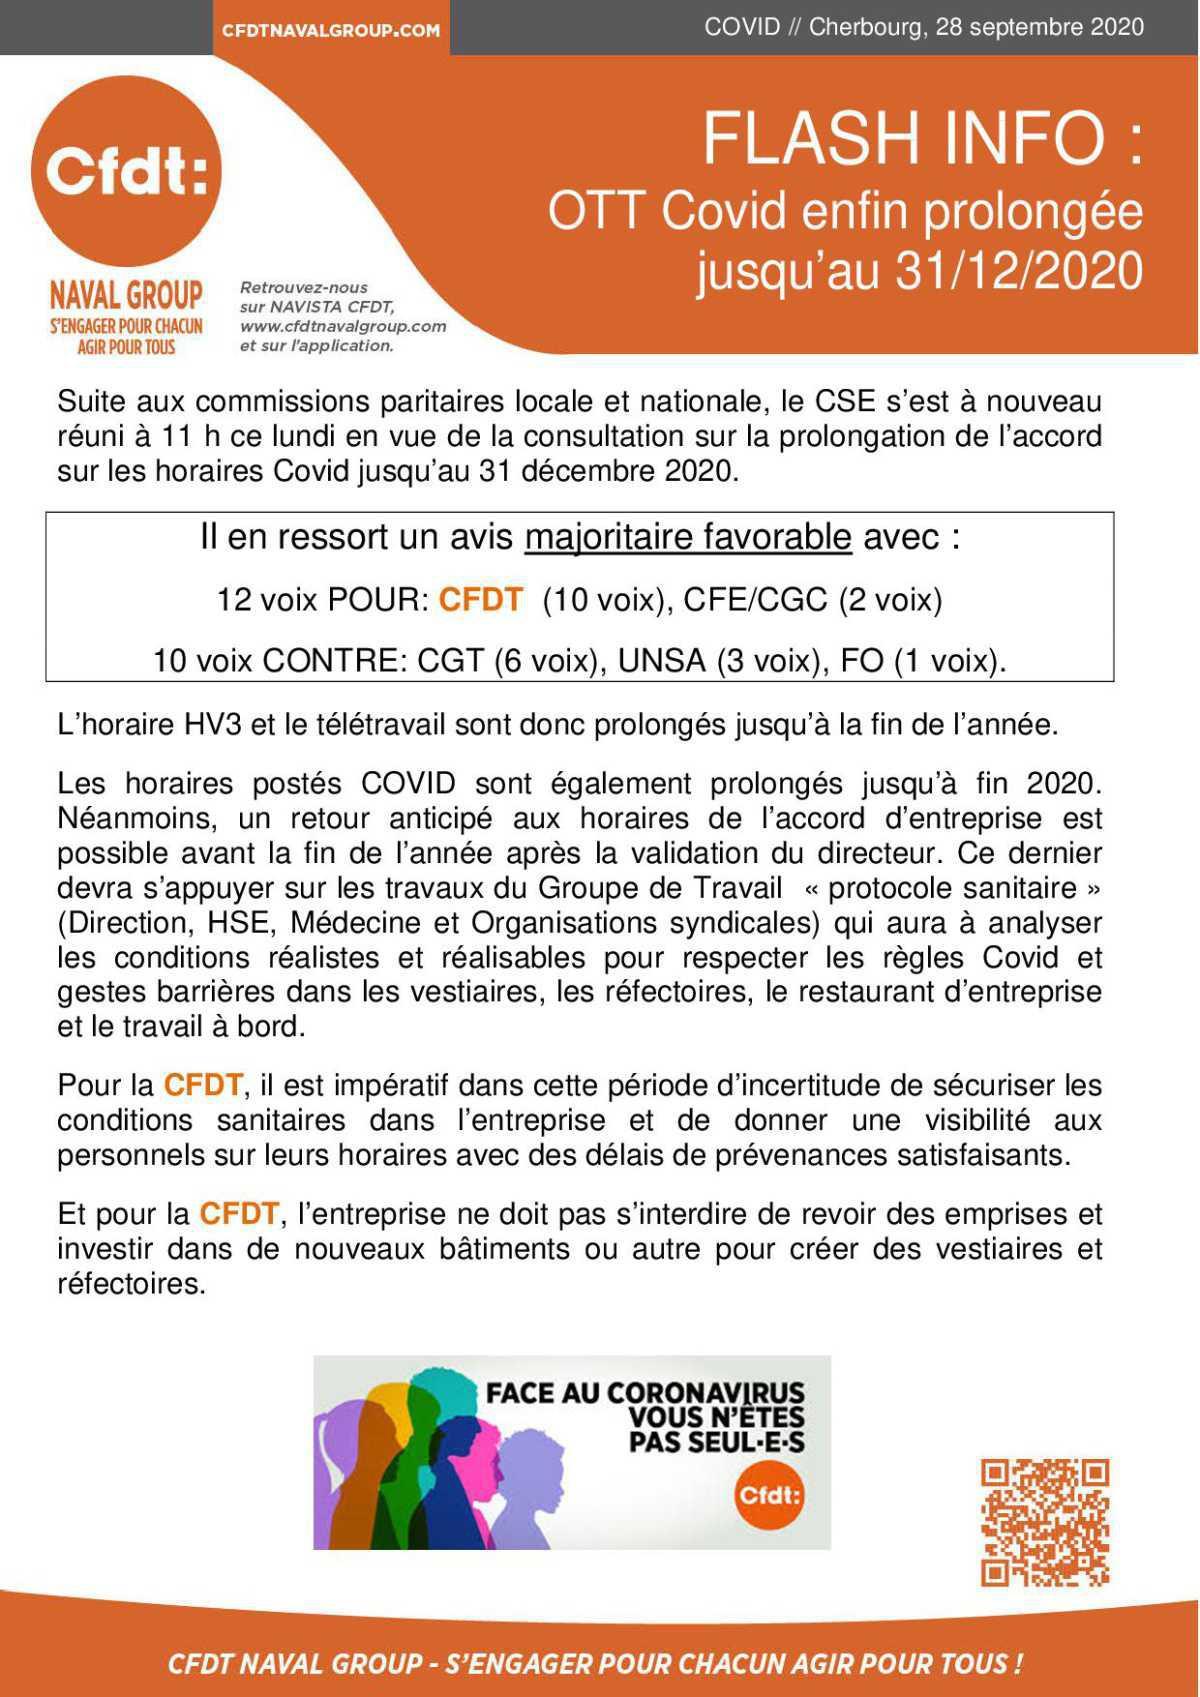 OTT Covid prolongation jusqu'au 31 décembre validée